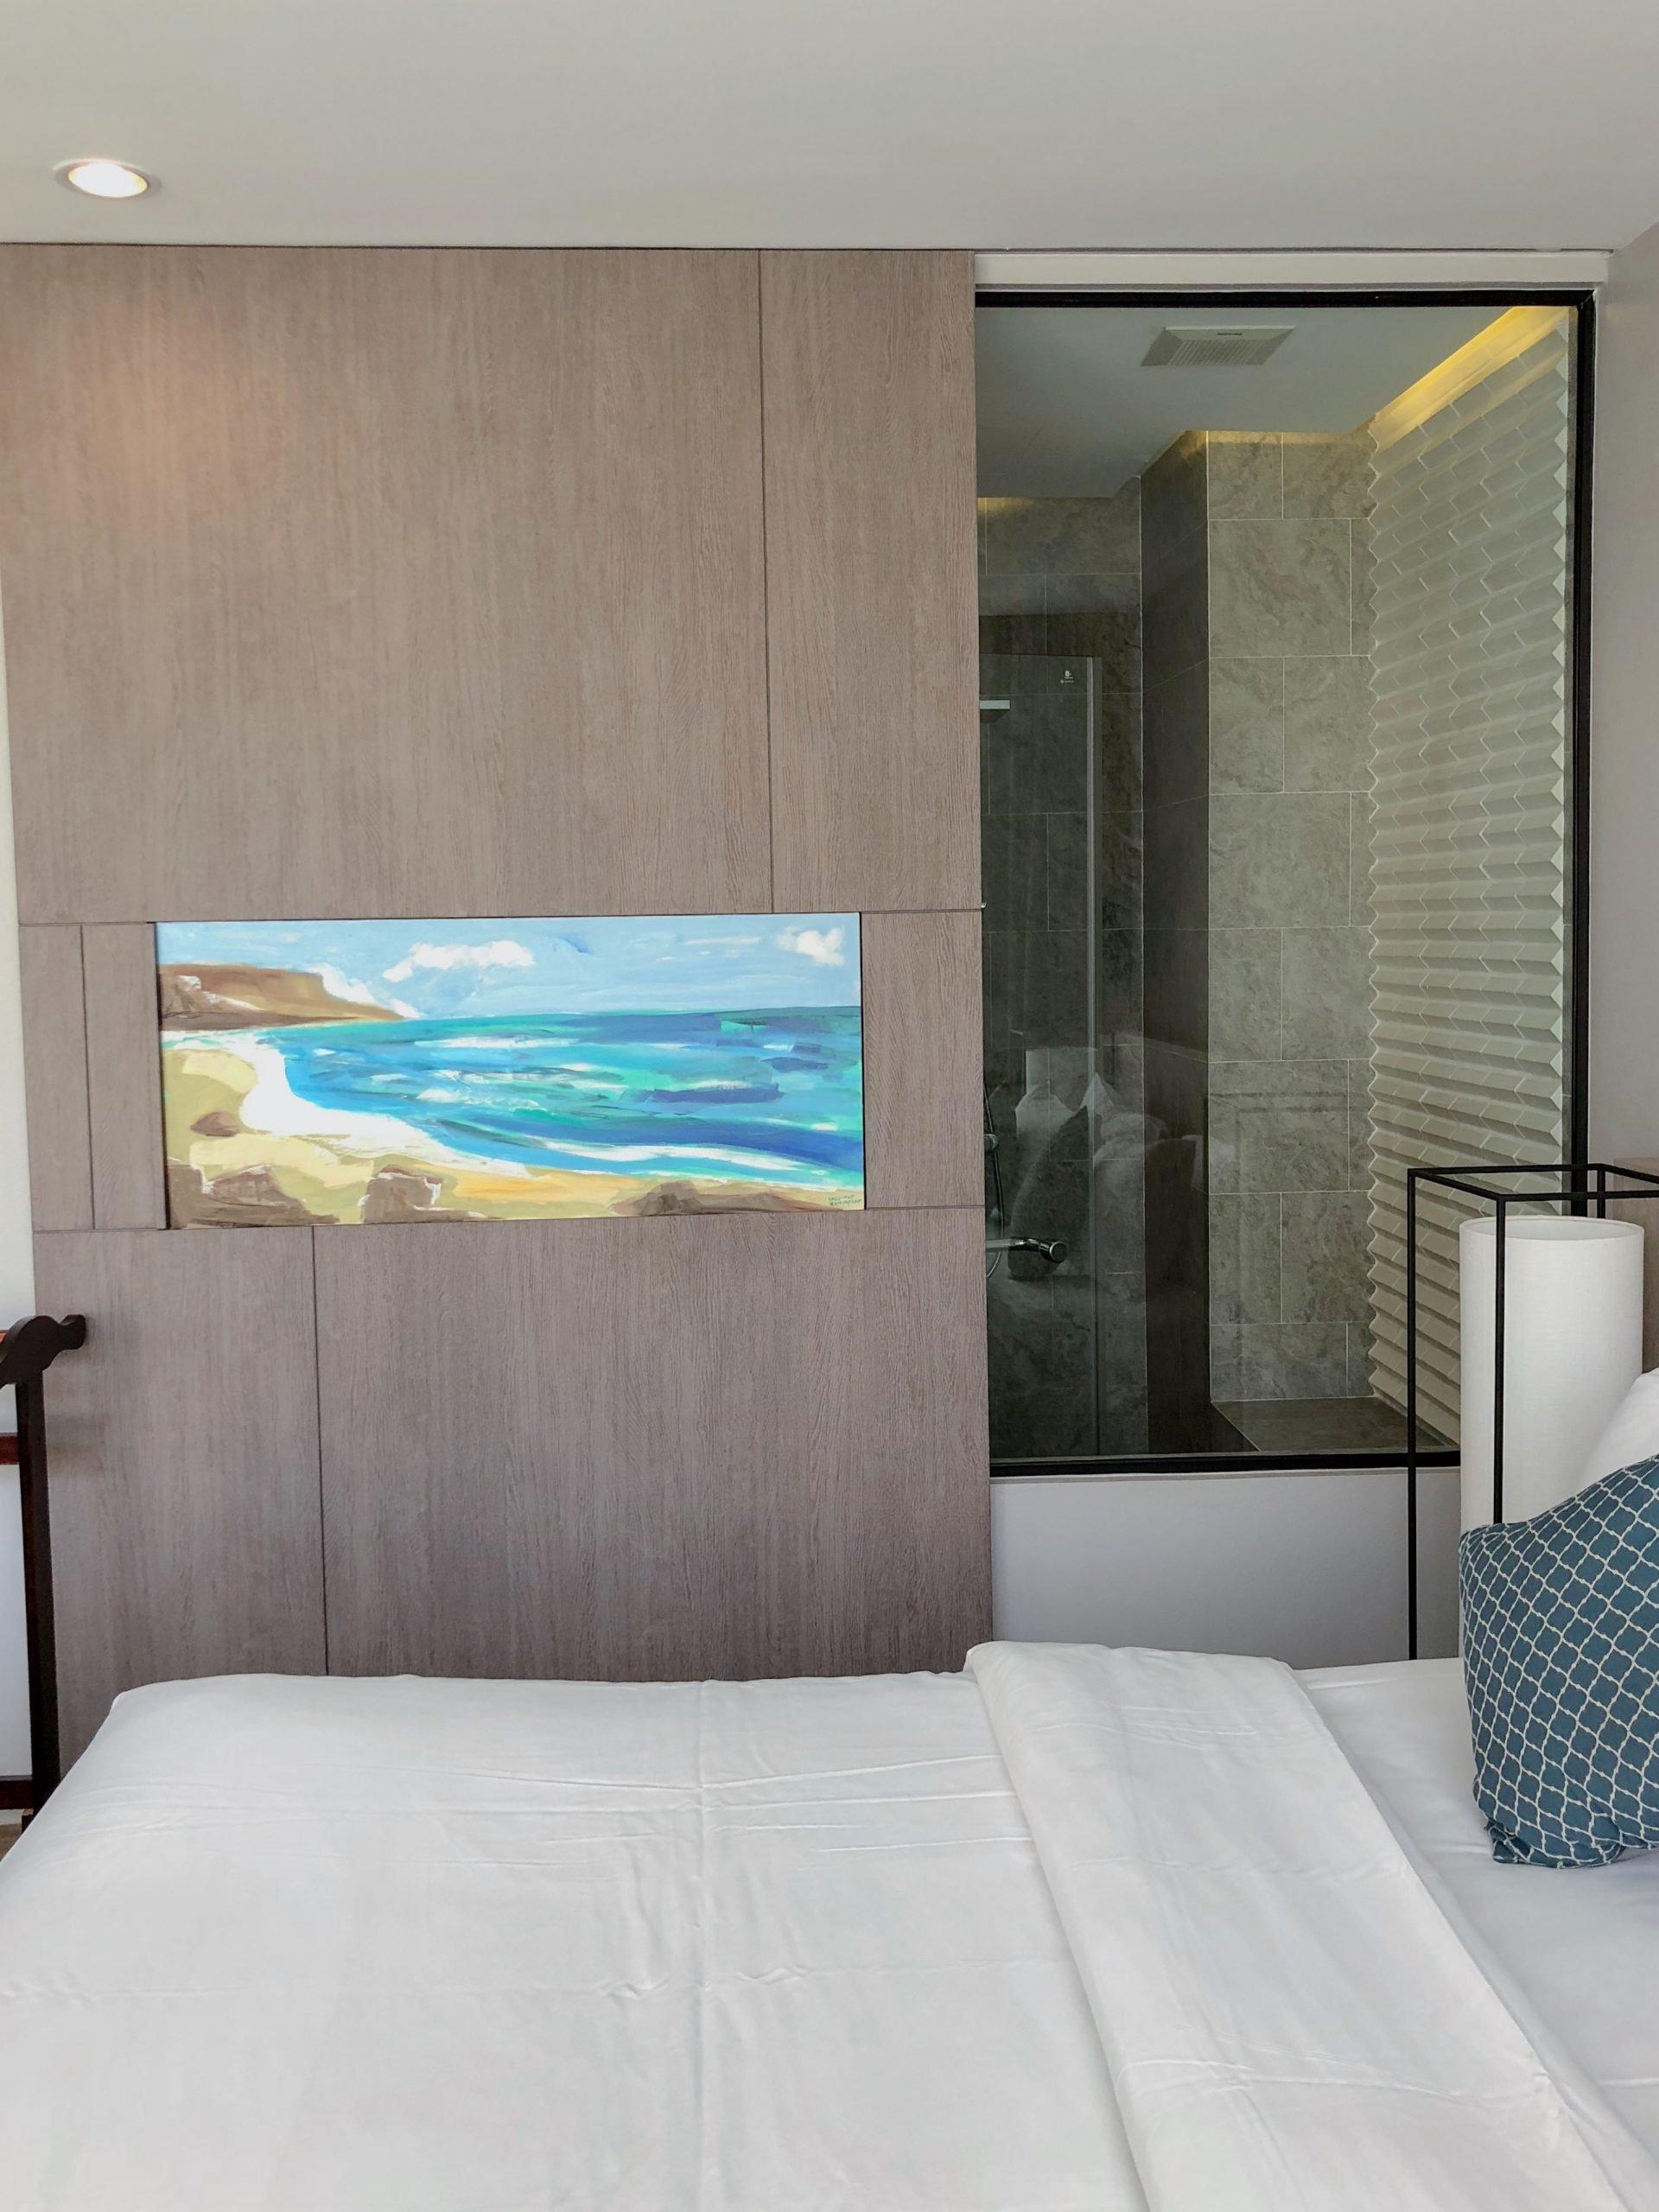 華欣|阿斯拉精品酒店